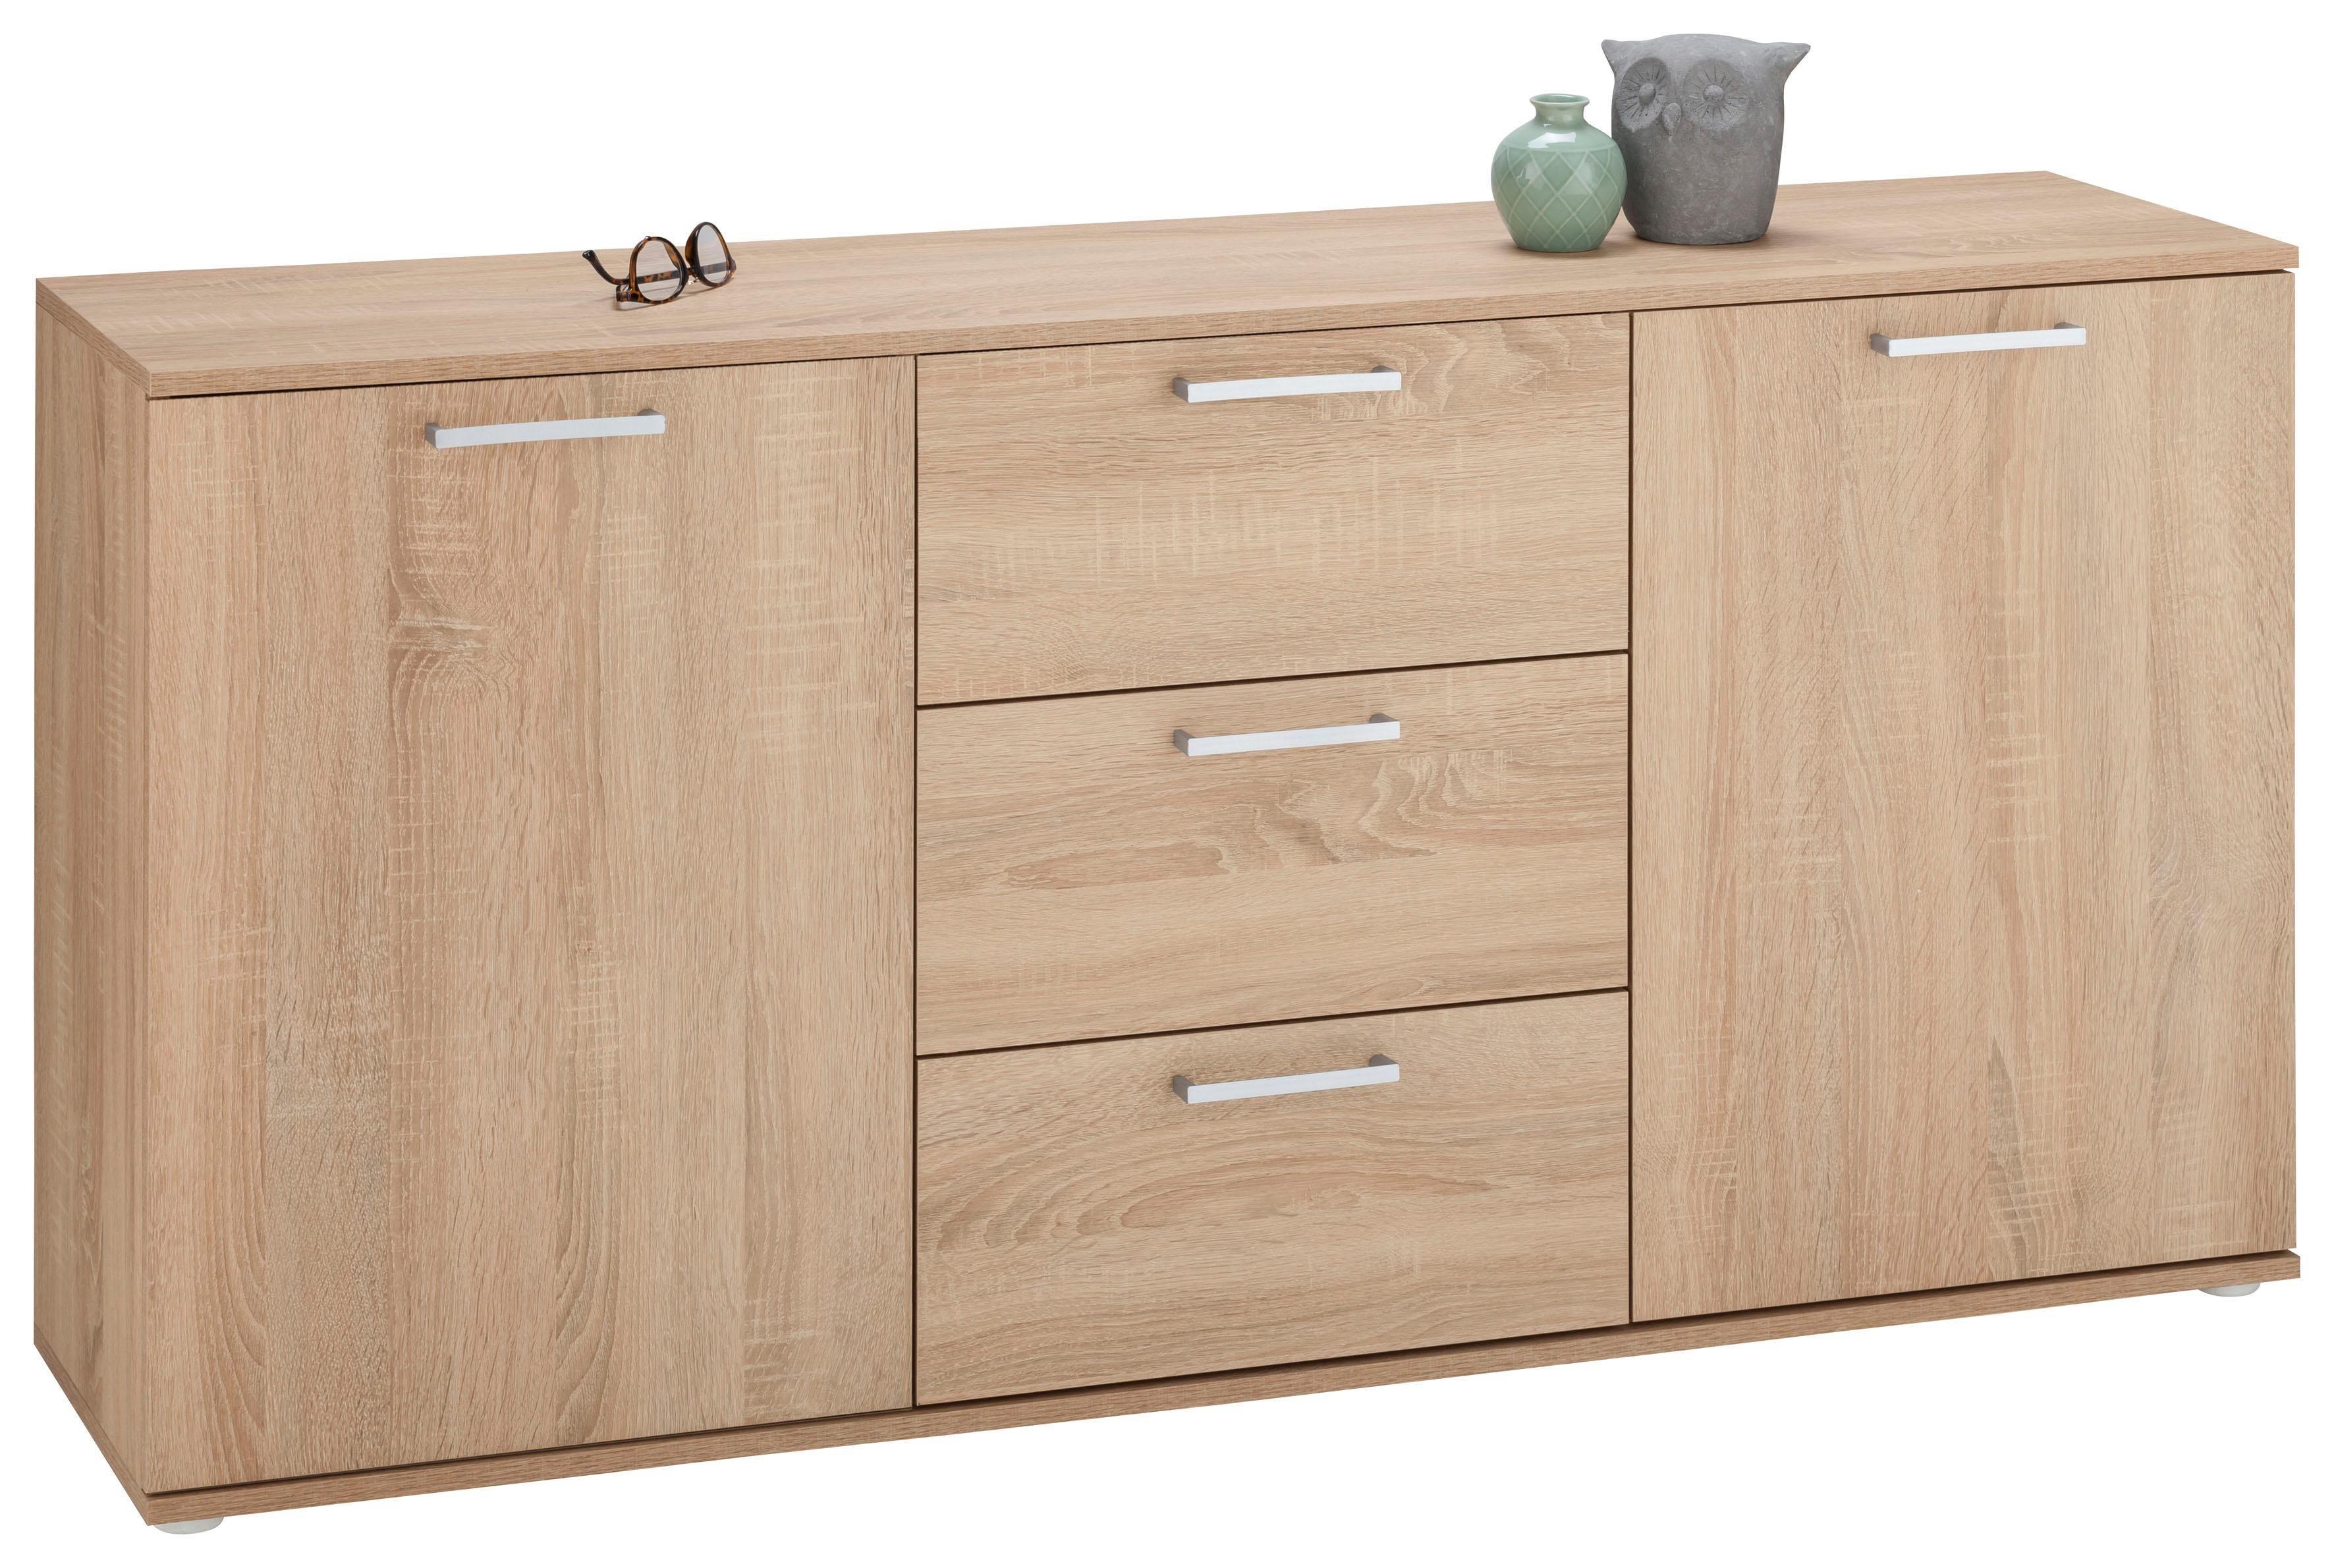 sonoma eiche sideboards online kaufen m bel suchmaschine. Black Bedroom Furniture Sets. Home Design Ideas